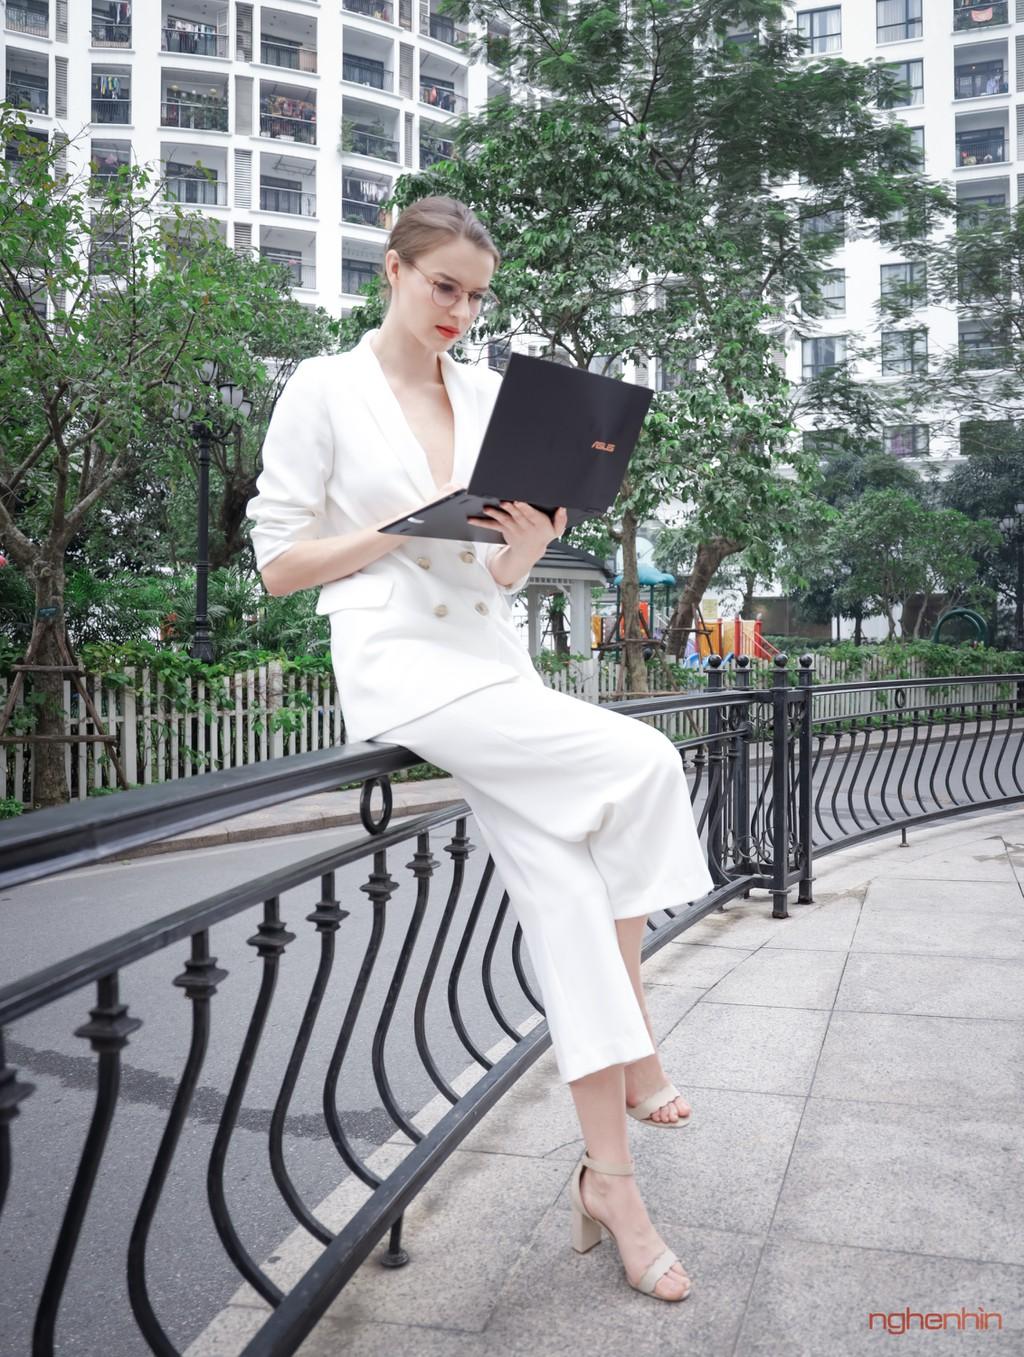 Trên tay Asus ZenBook Flip S : laptop 2 trong 1 cao cấp, mỏng nhất thế giới ảnh 2